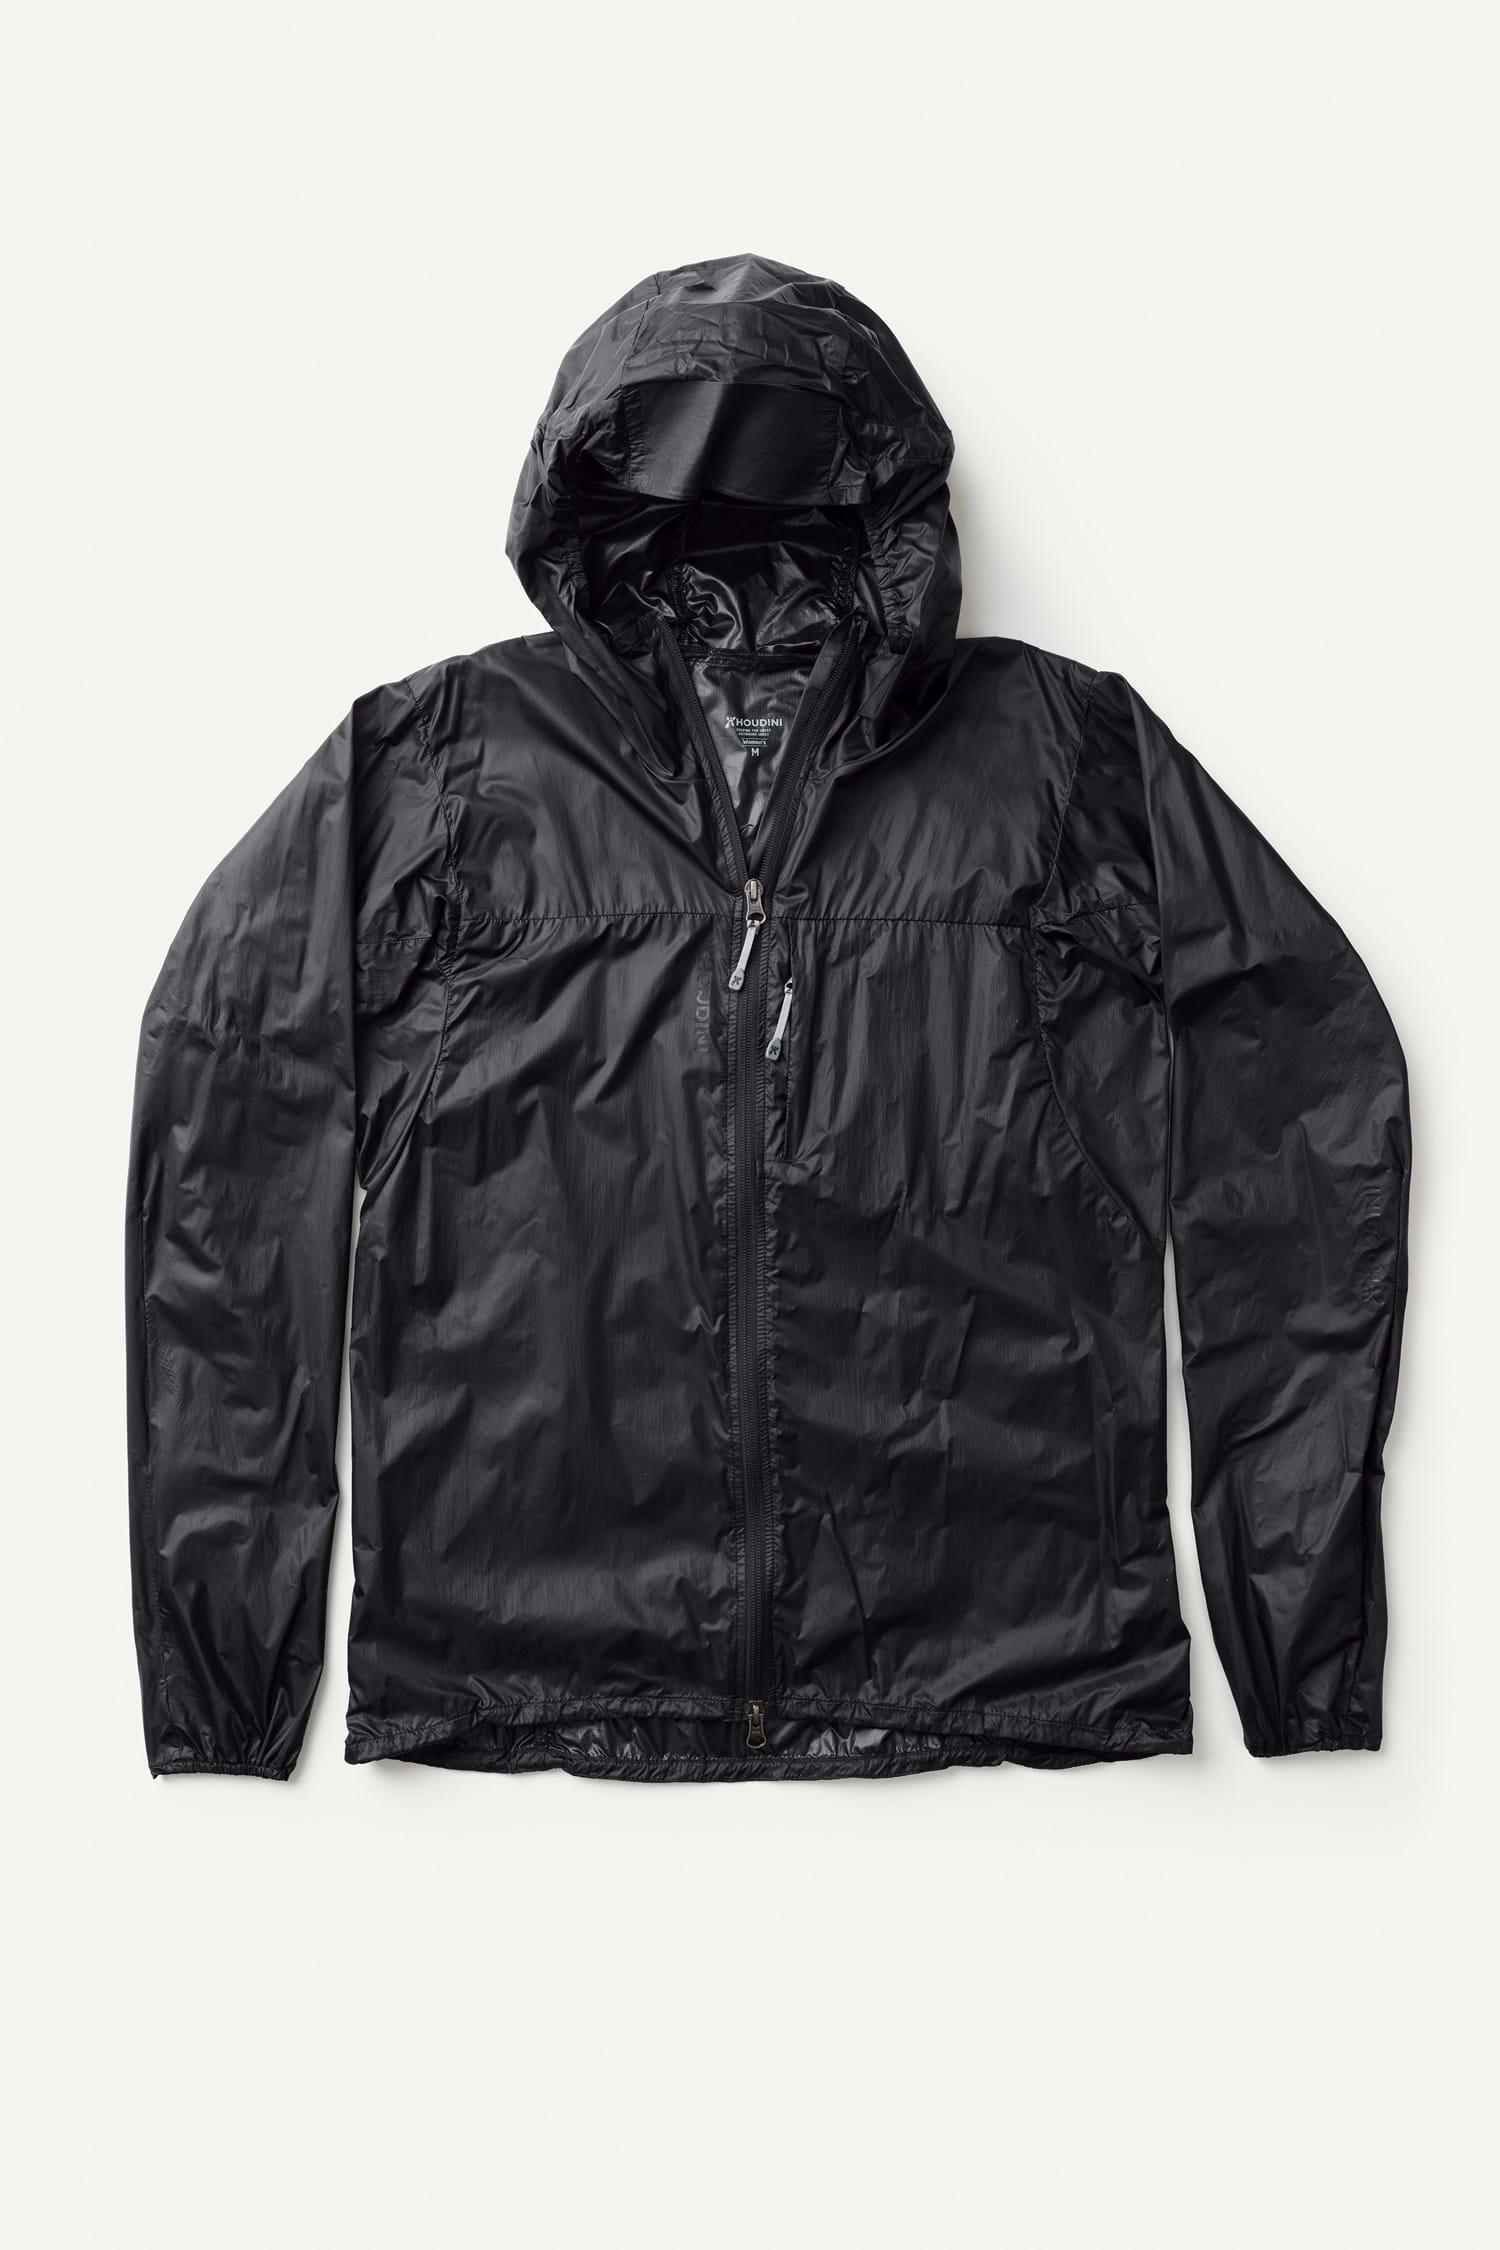 d021931c409707 Shop Women s Jackets - Houdini Sportswear official website